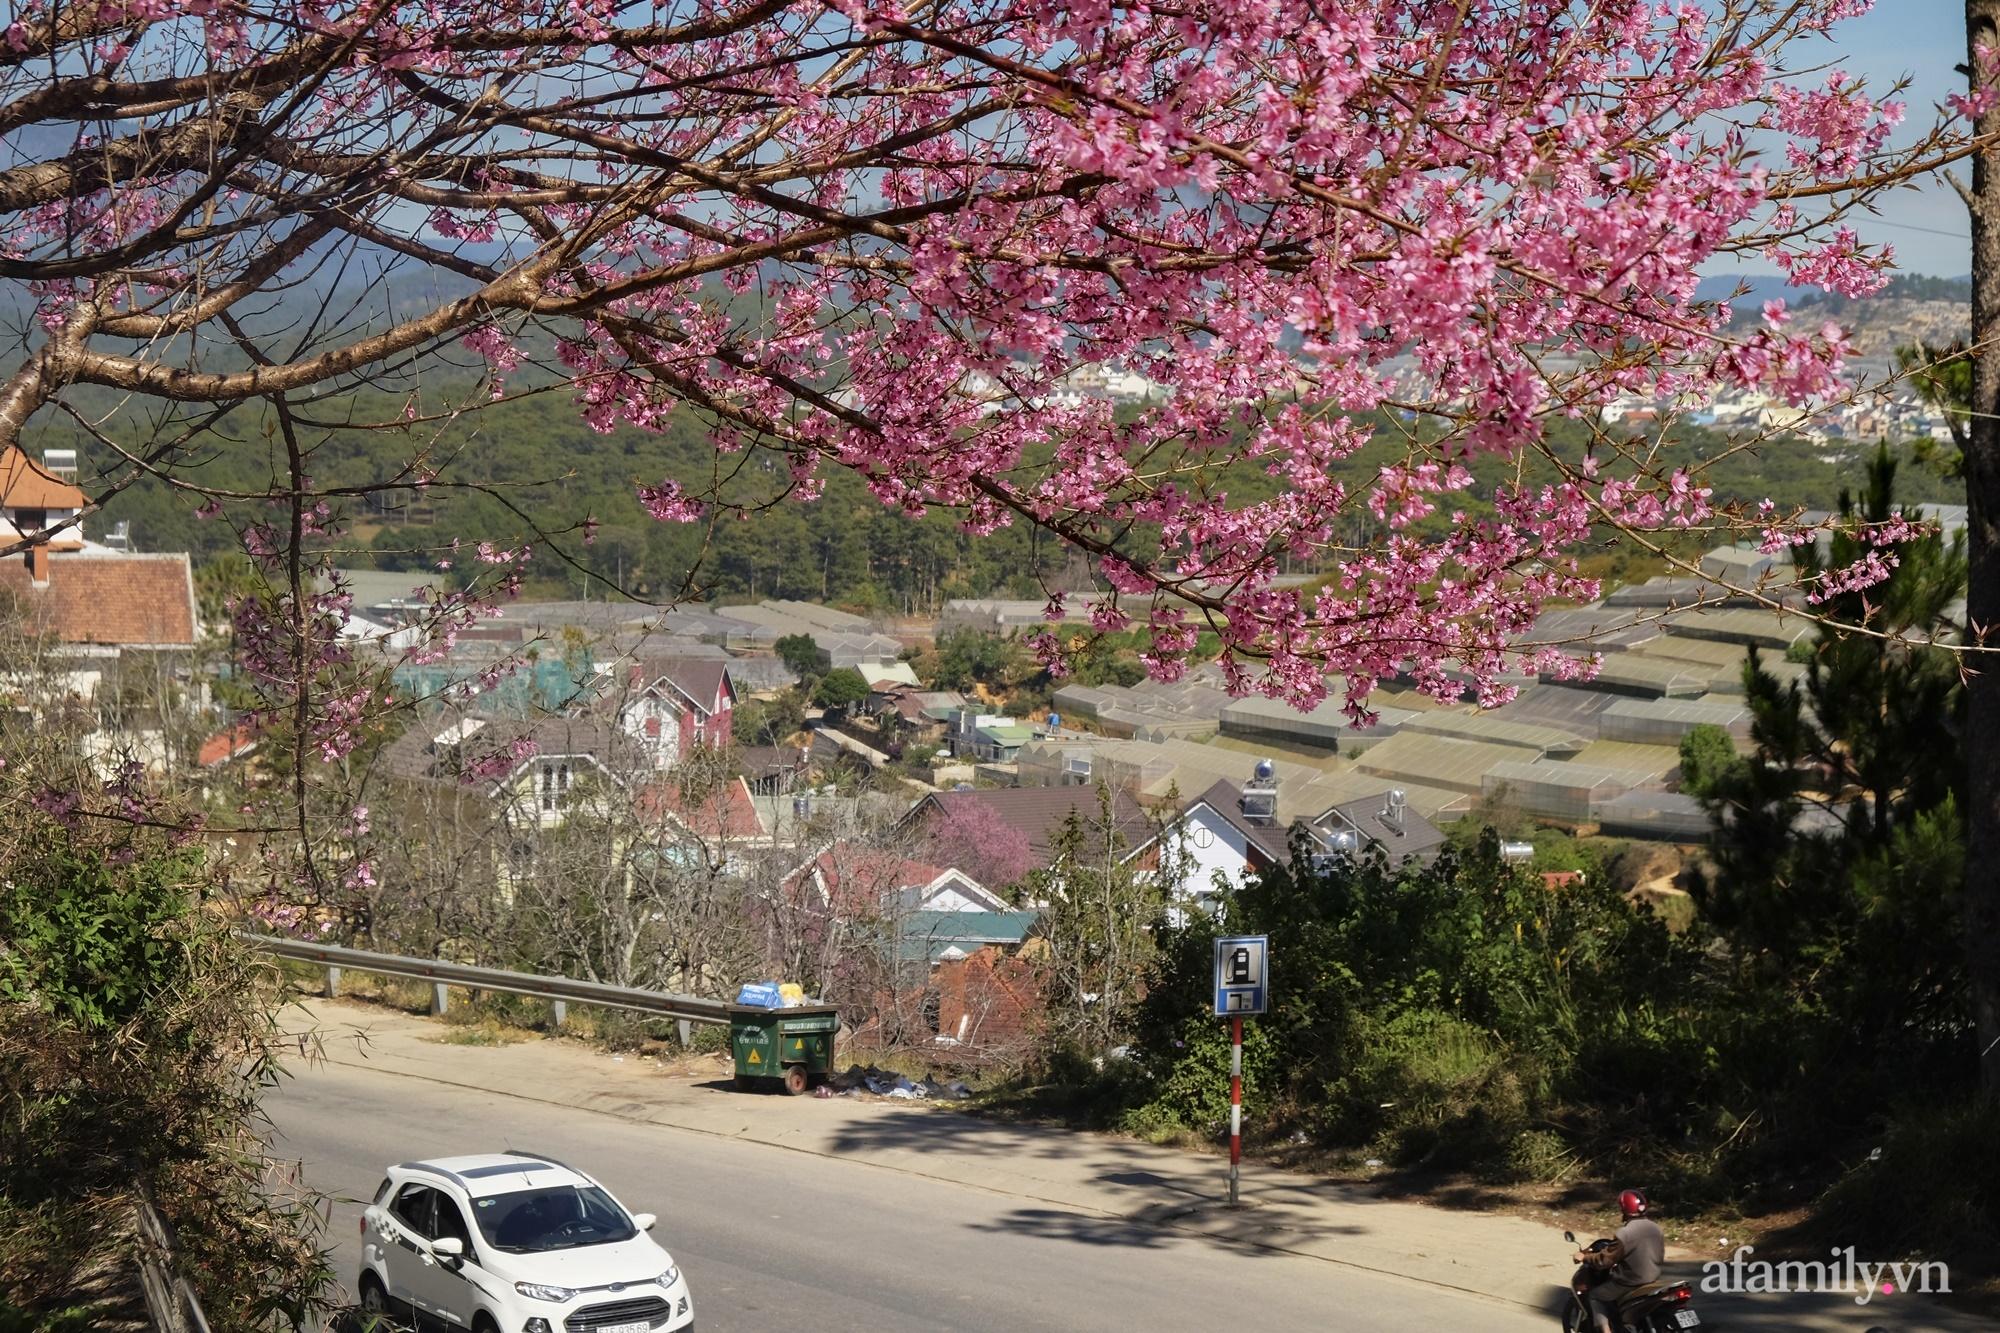 Ngắm hoa mai anh đào nở rợp trời ở ngôi làng đẹp lạ như Tây Tạng, nằm ngay gần trung tâm TP. Đà Lạt mà không phải ai cũng biết - Ảnh 2.